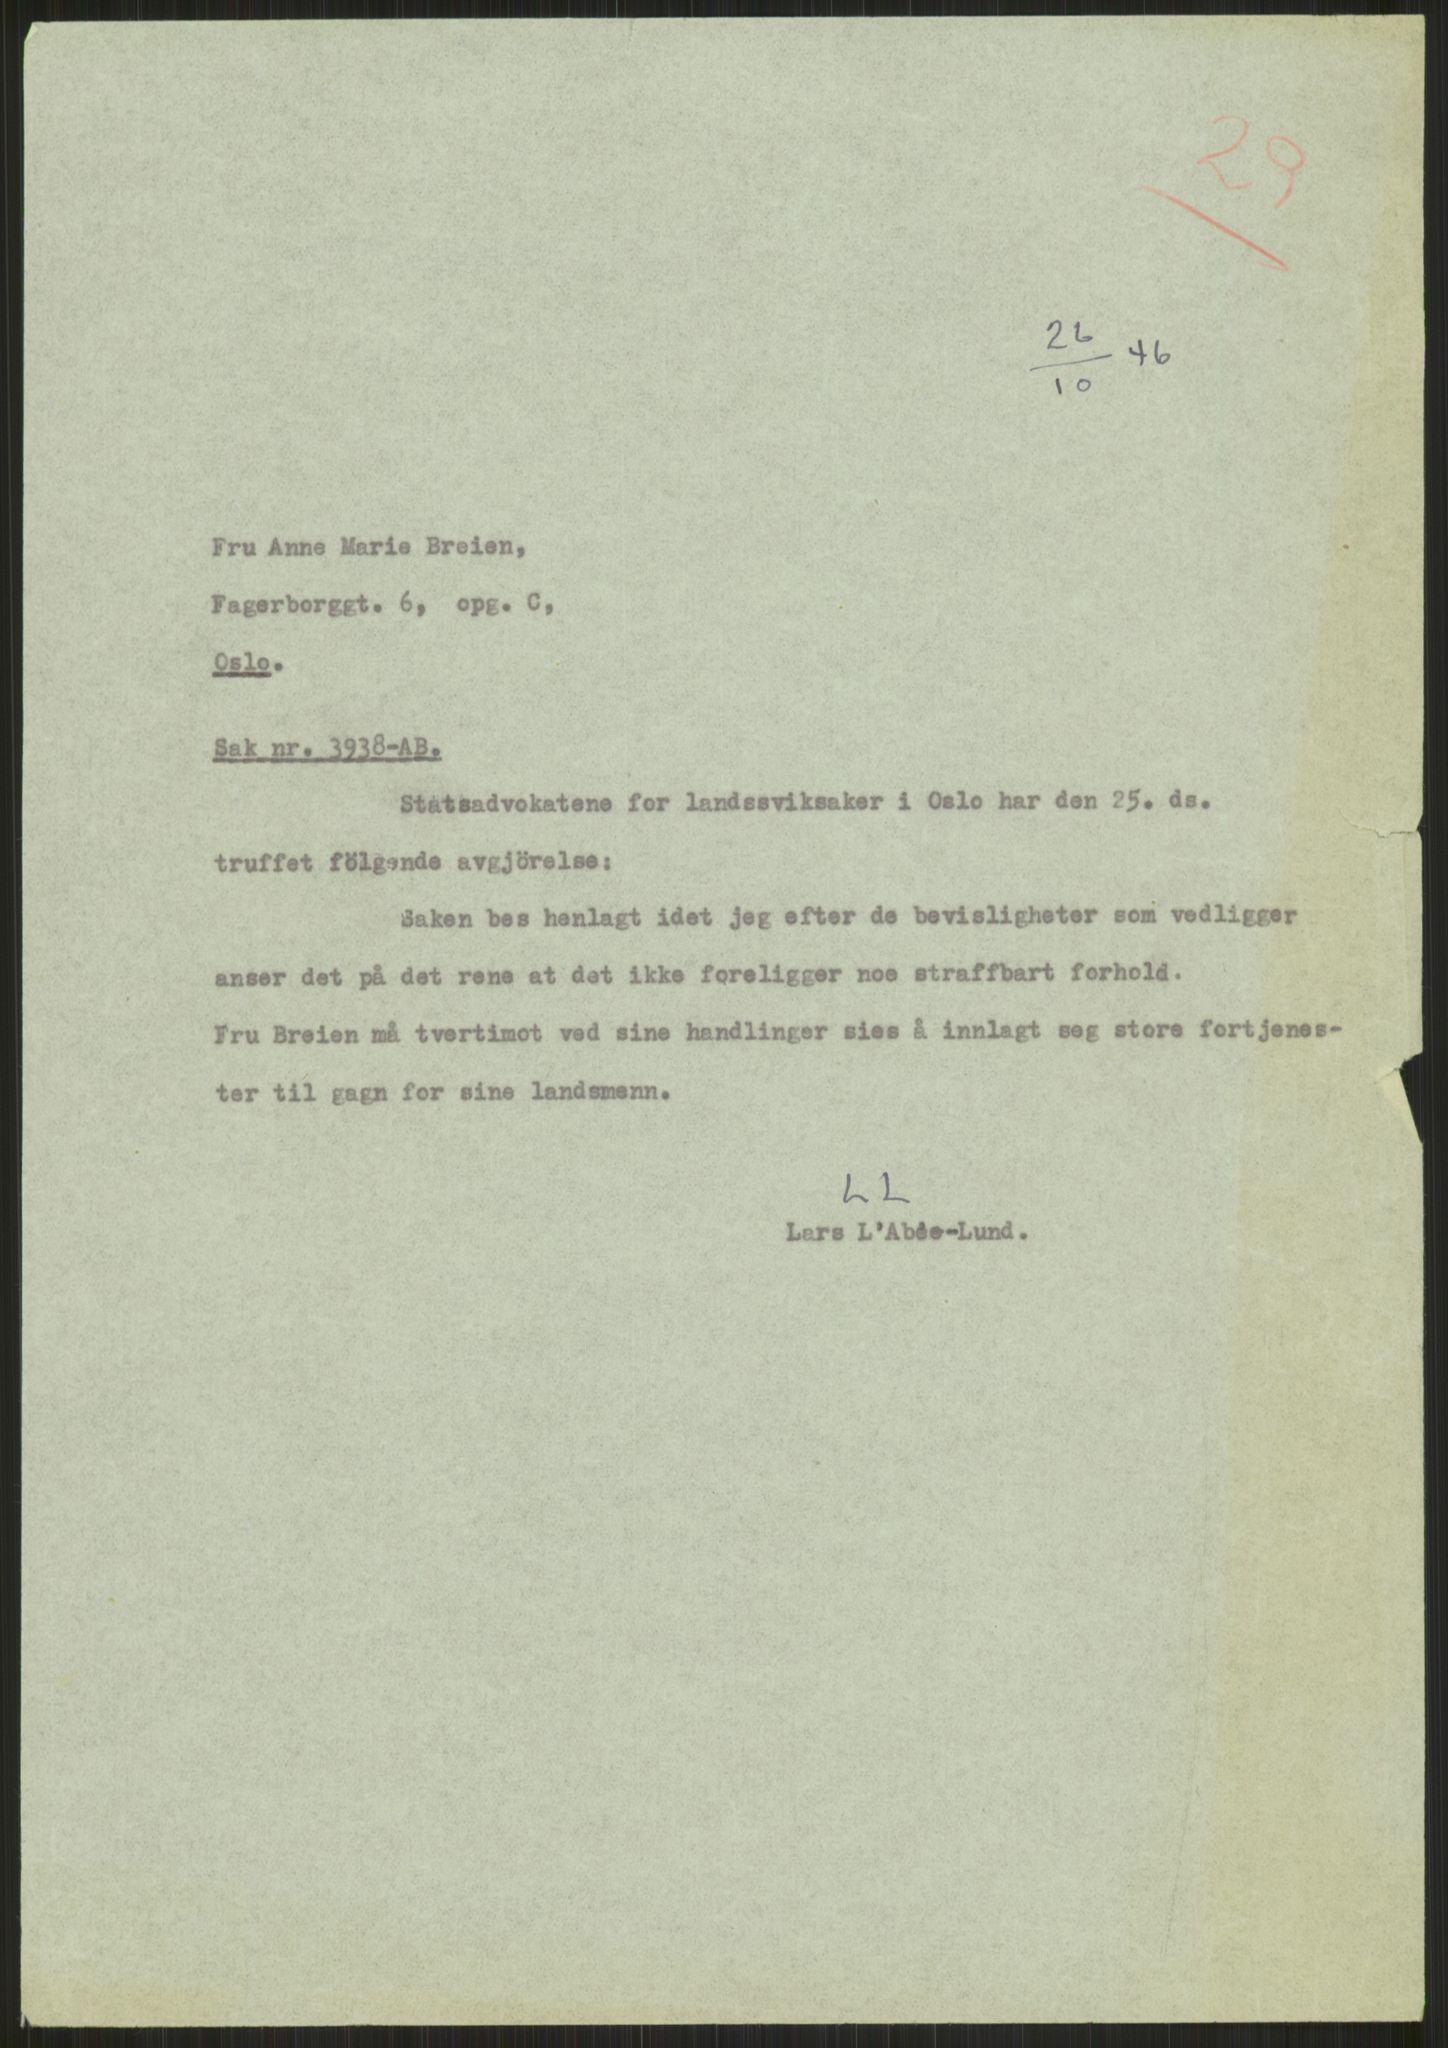 RA, Landssvikarkivet, Oslo politikammer, D/Dg/L0267: Henlagt hnr. 3658, 1945-1946, s. 300